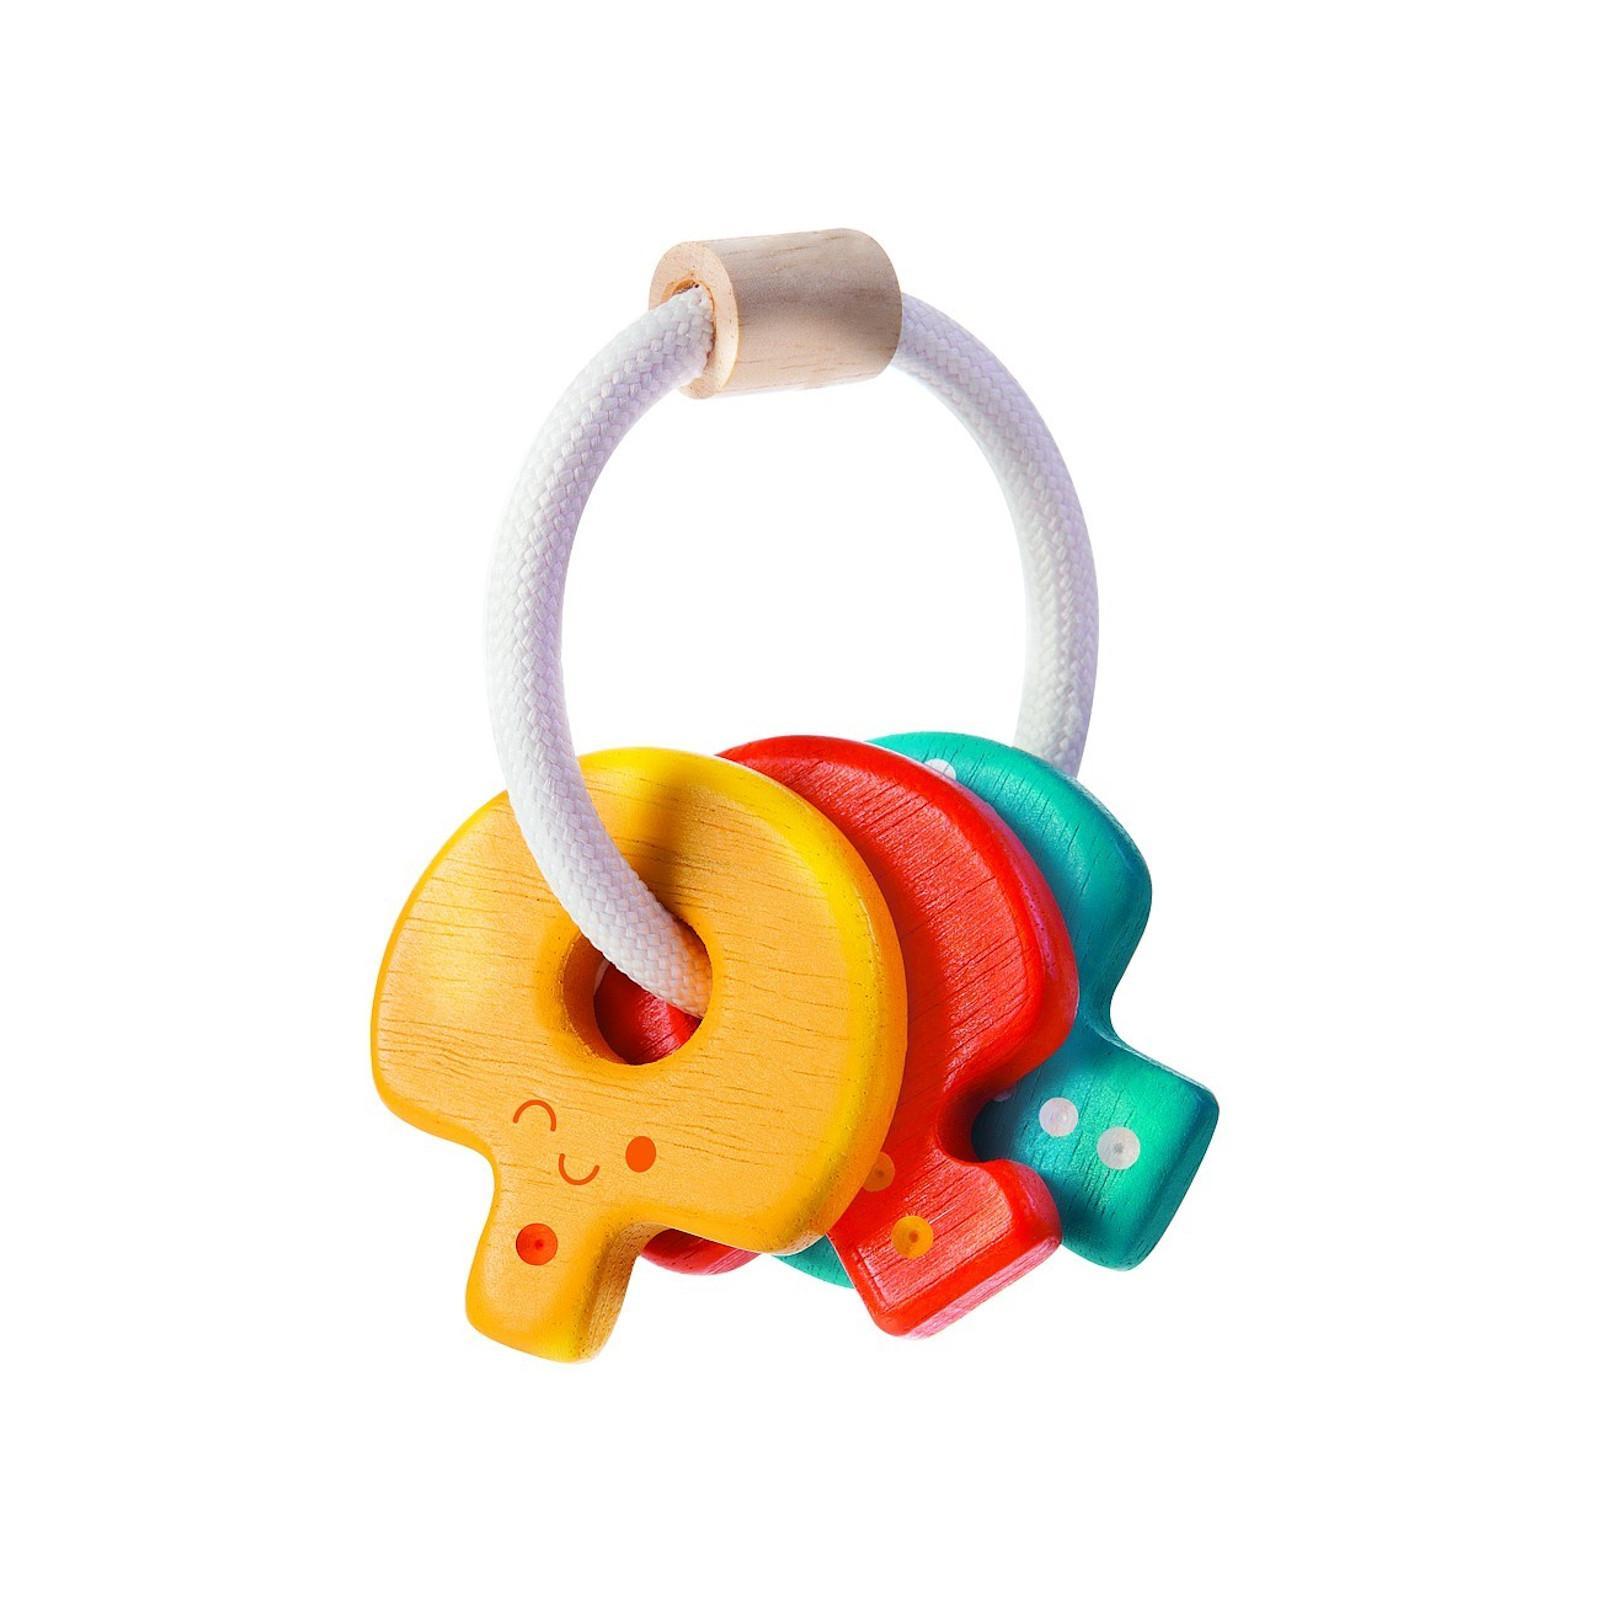 PLAN TOYS Chrastítko s klíči 1 ks